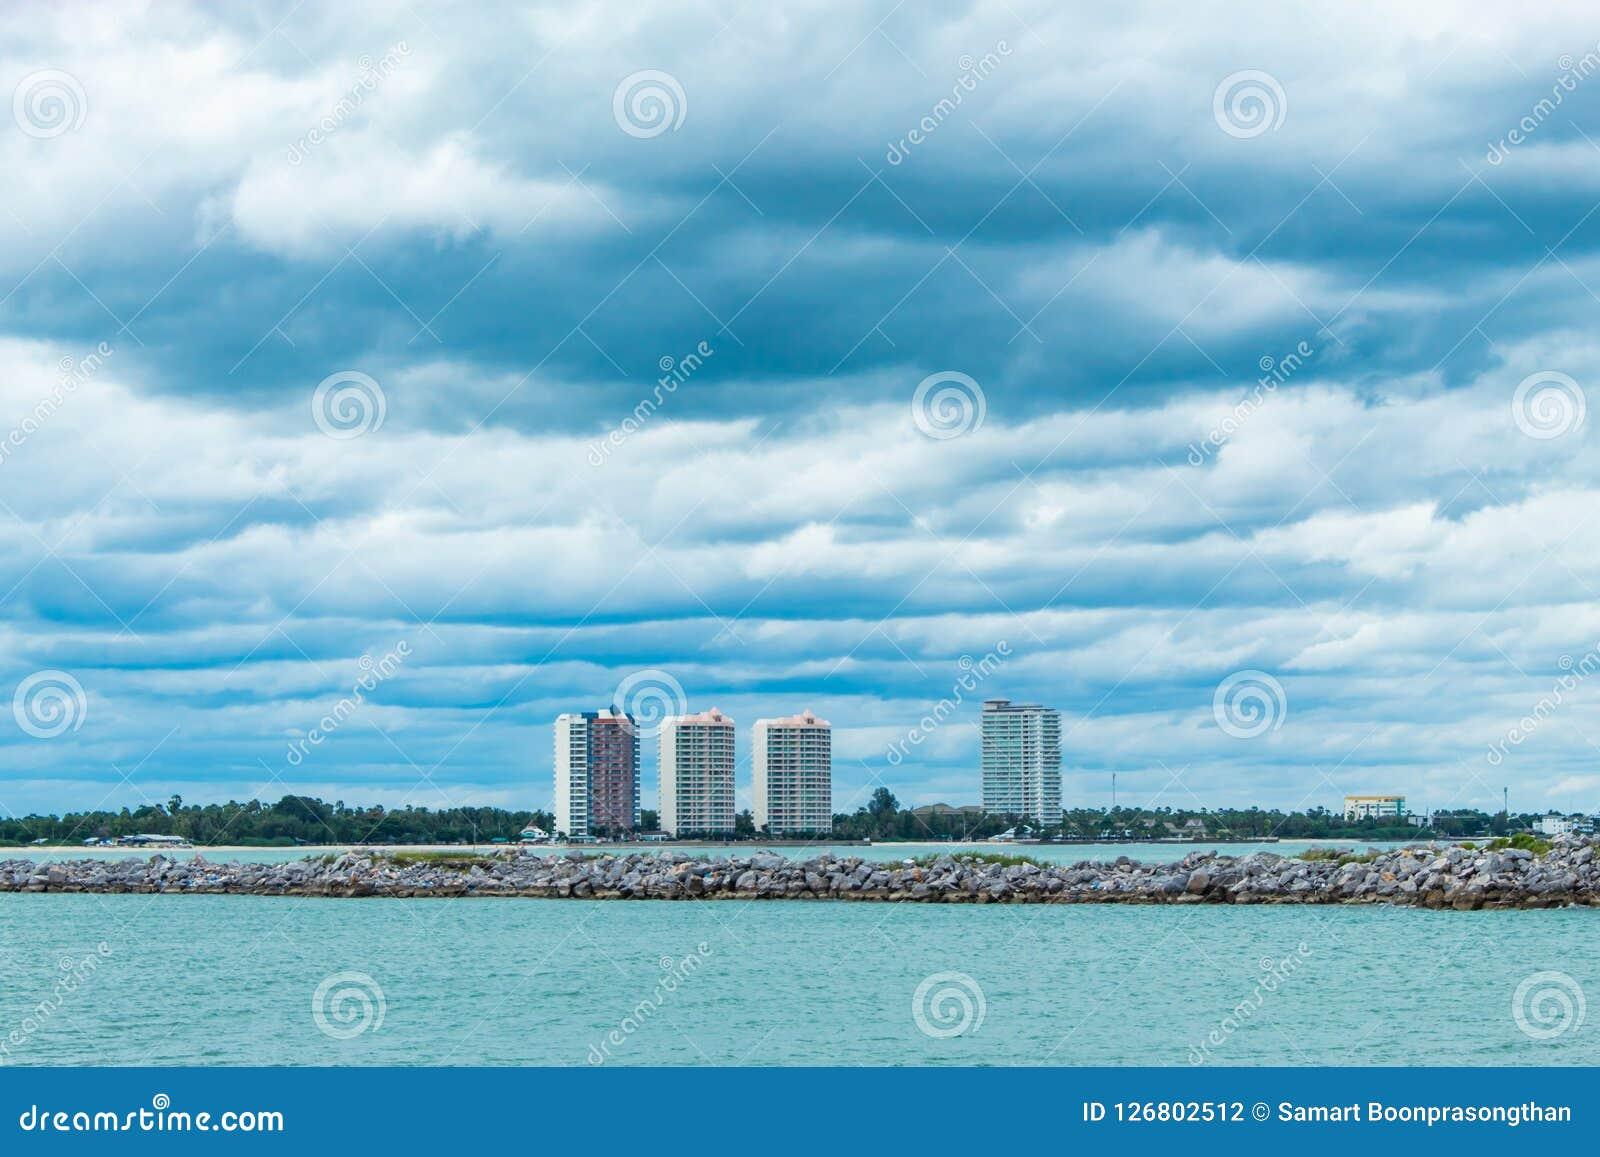 Pejzaż miejski i morze Cha Am plaże